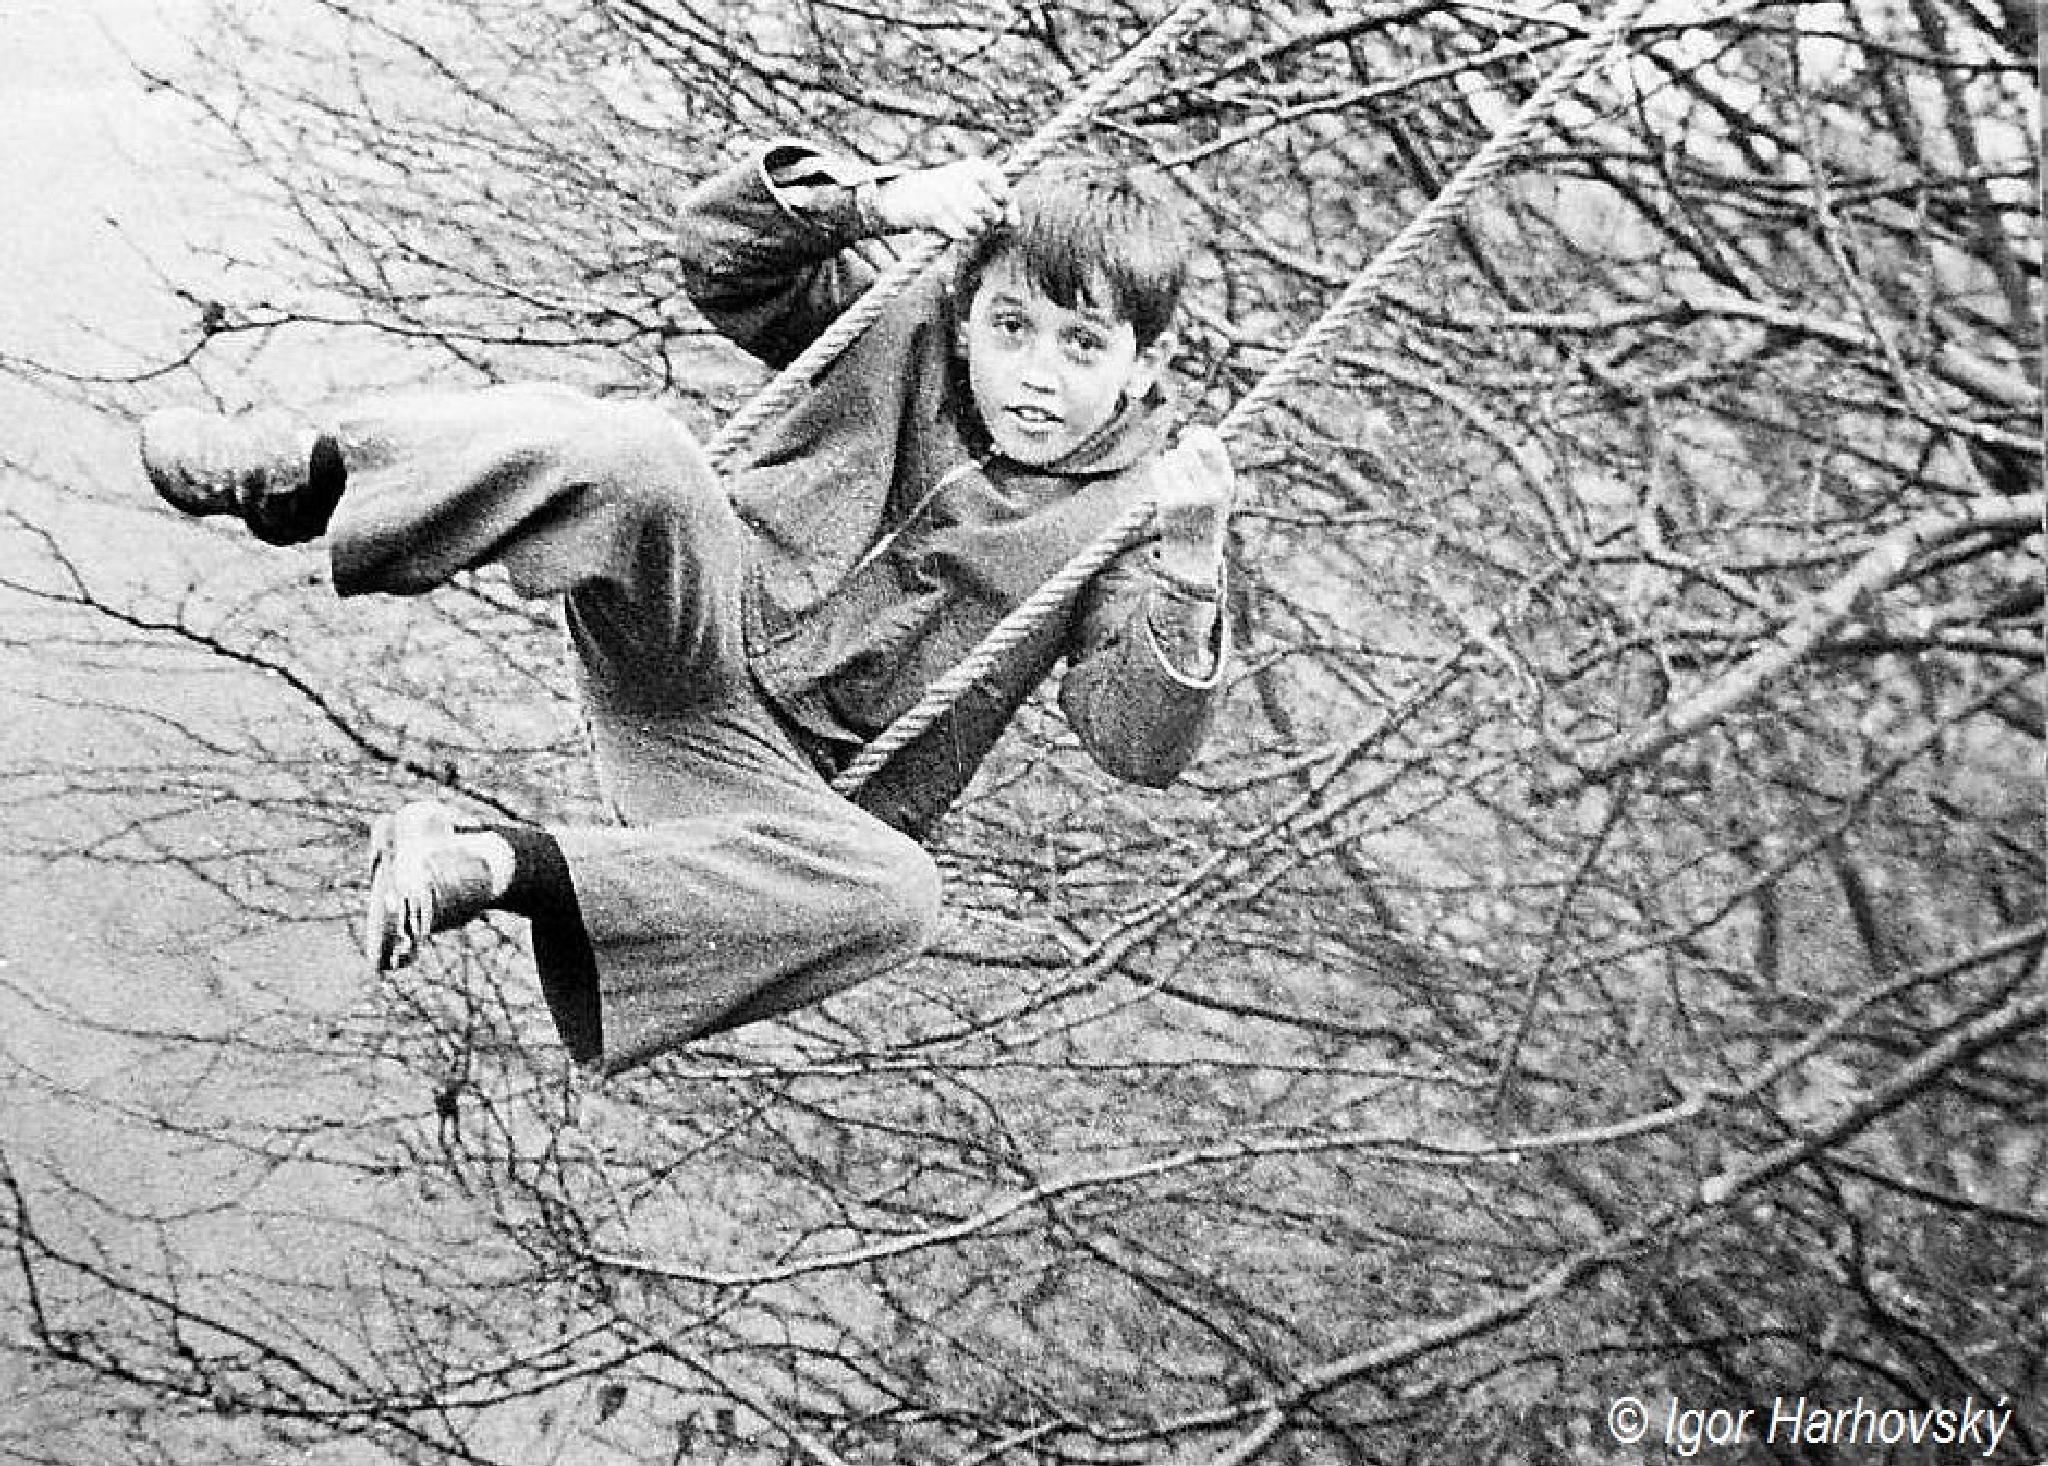 môj brat v roku 1977 by igor.harhovsky